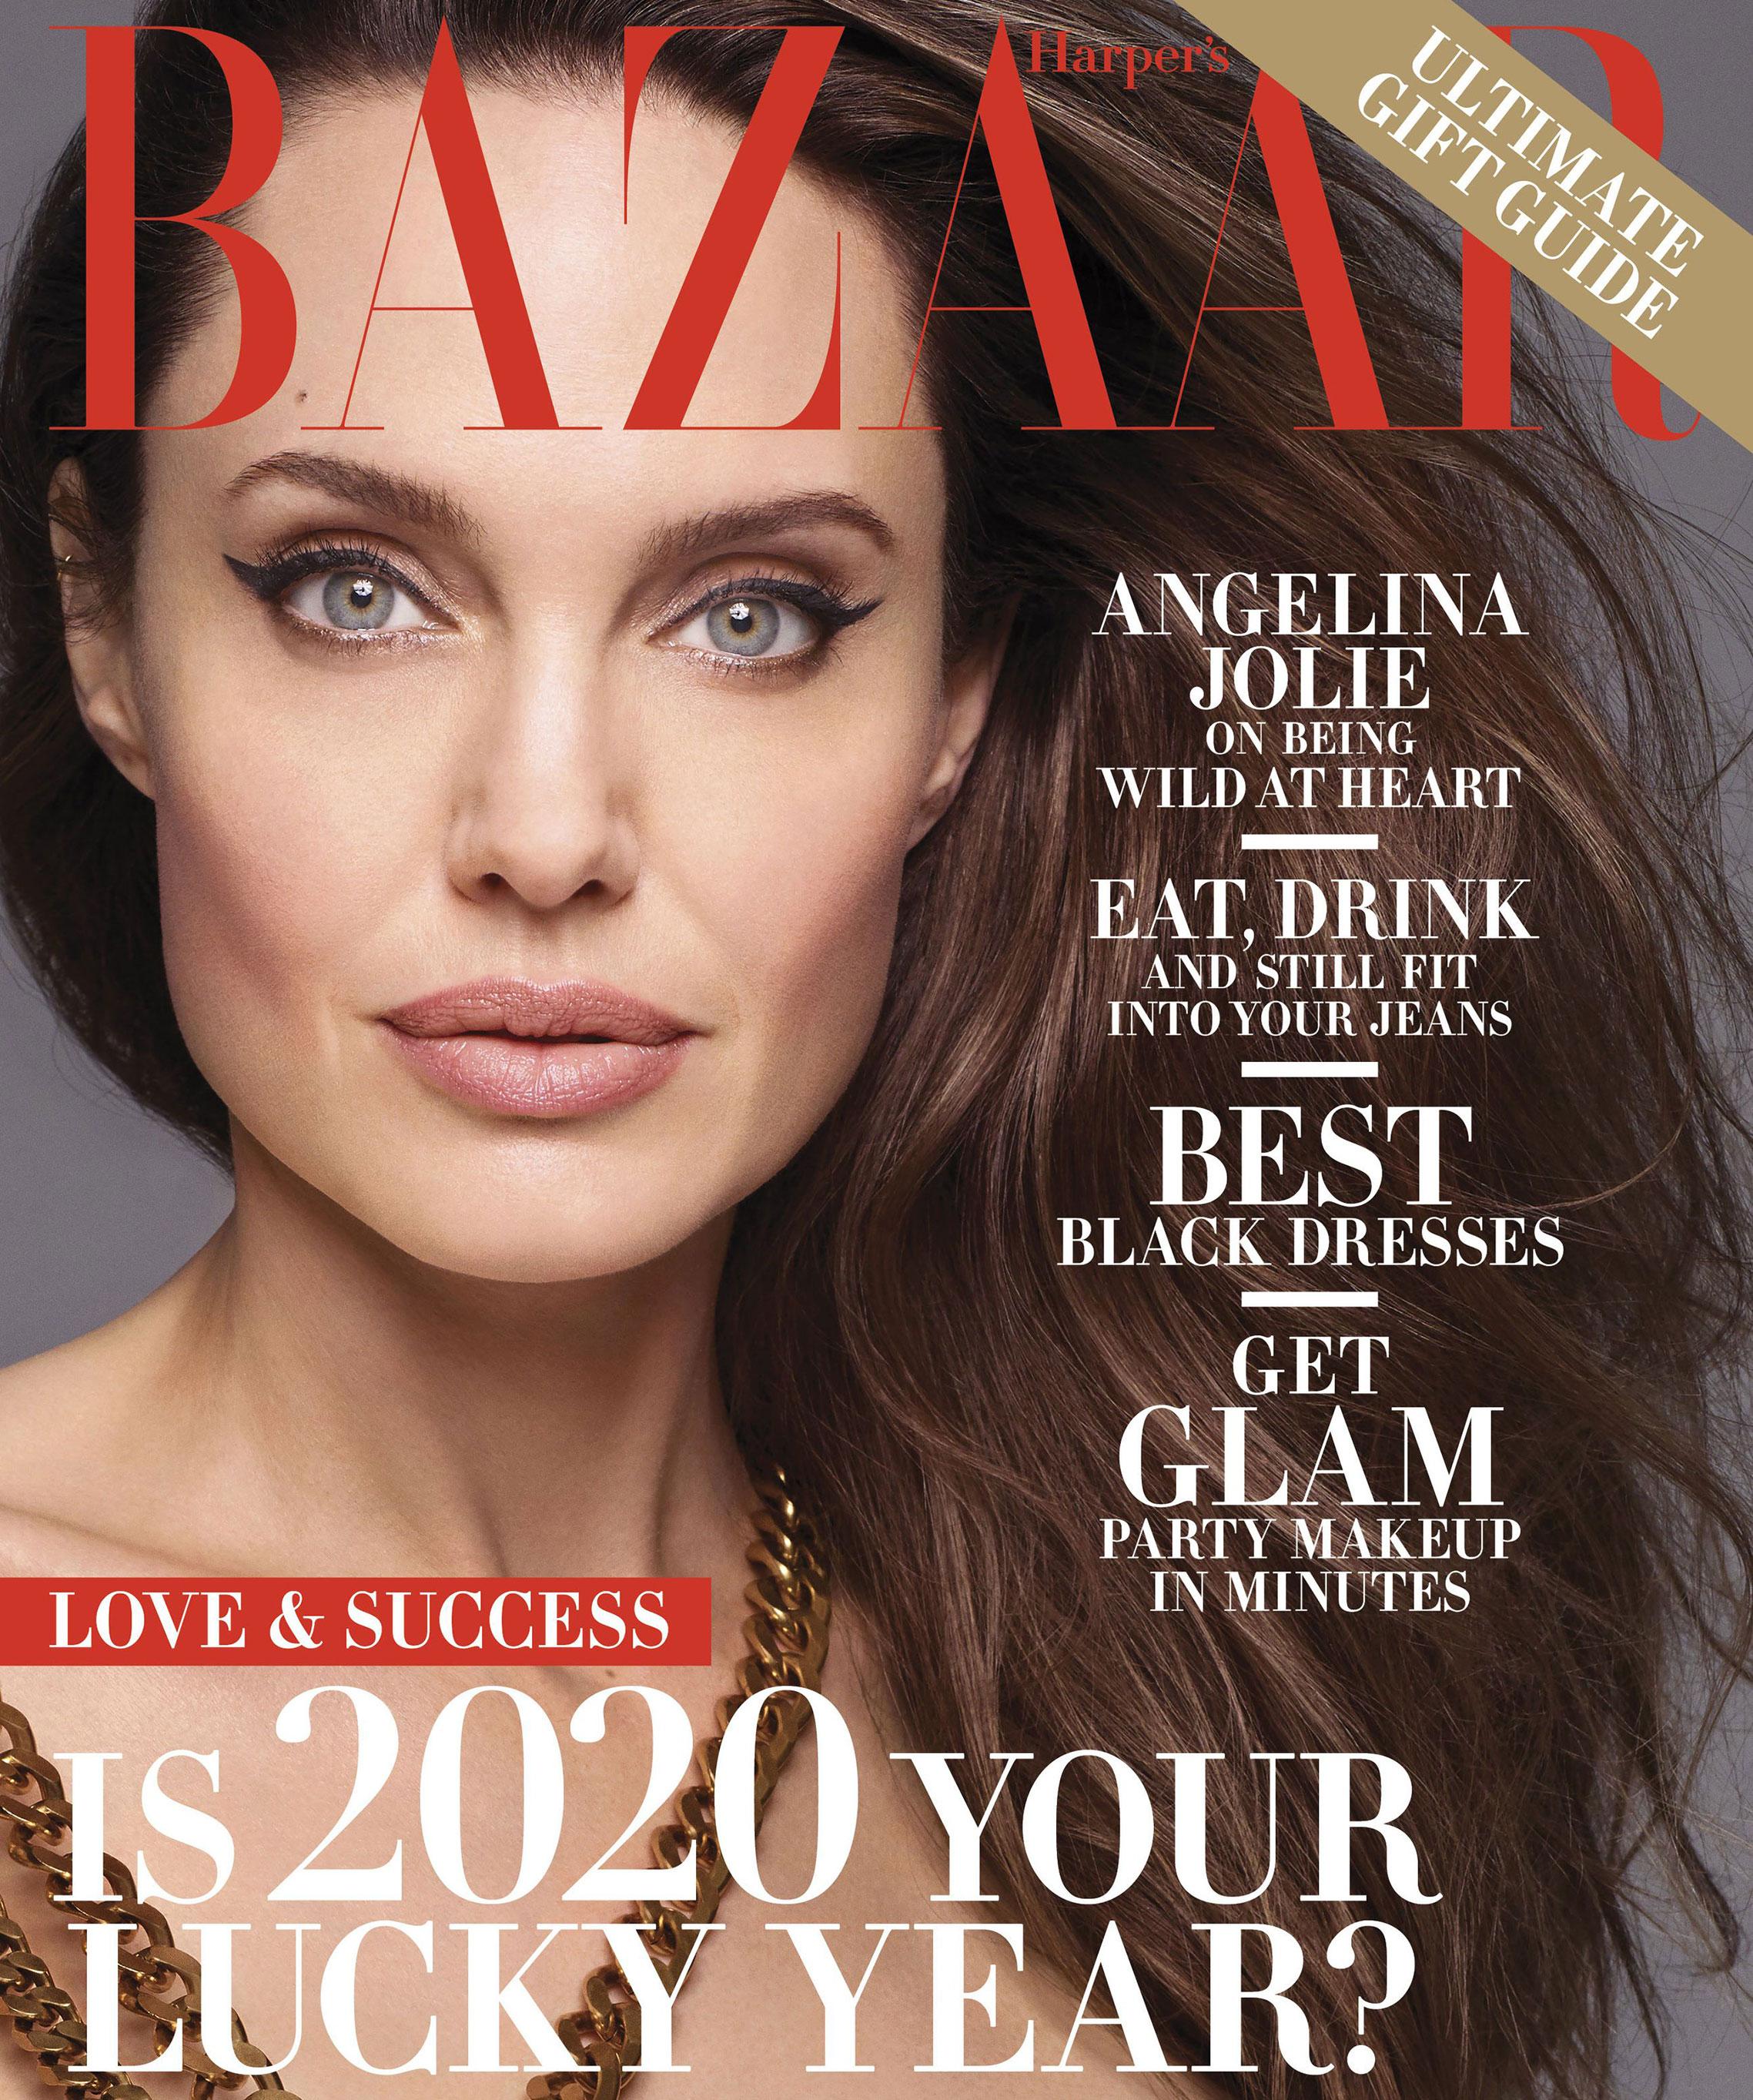 Анджелина Джоли в журнале Harpers Bazaar, декабрь-январь 2020/21 / фото 0